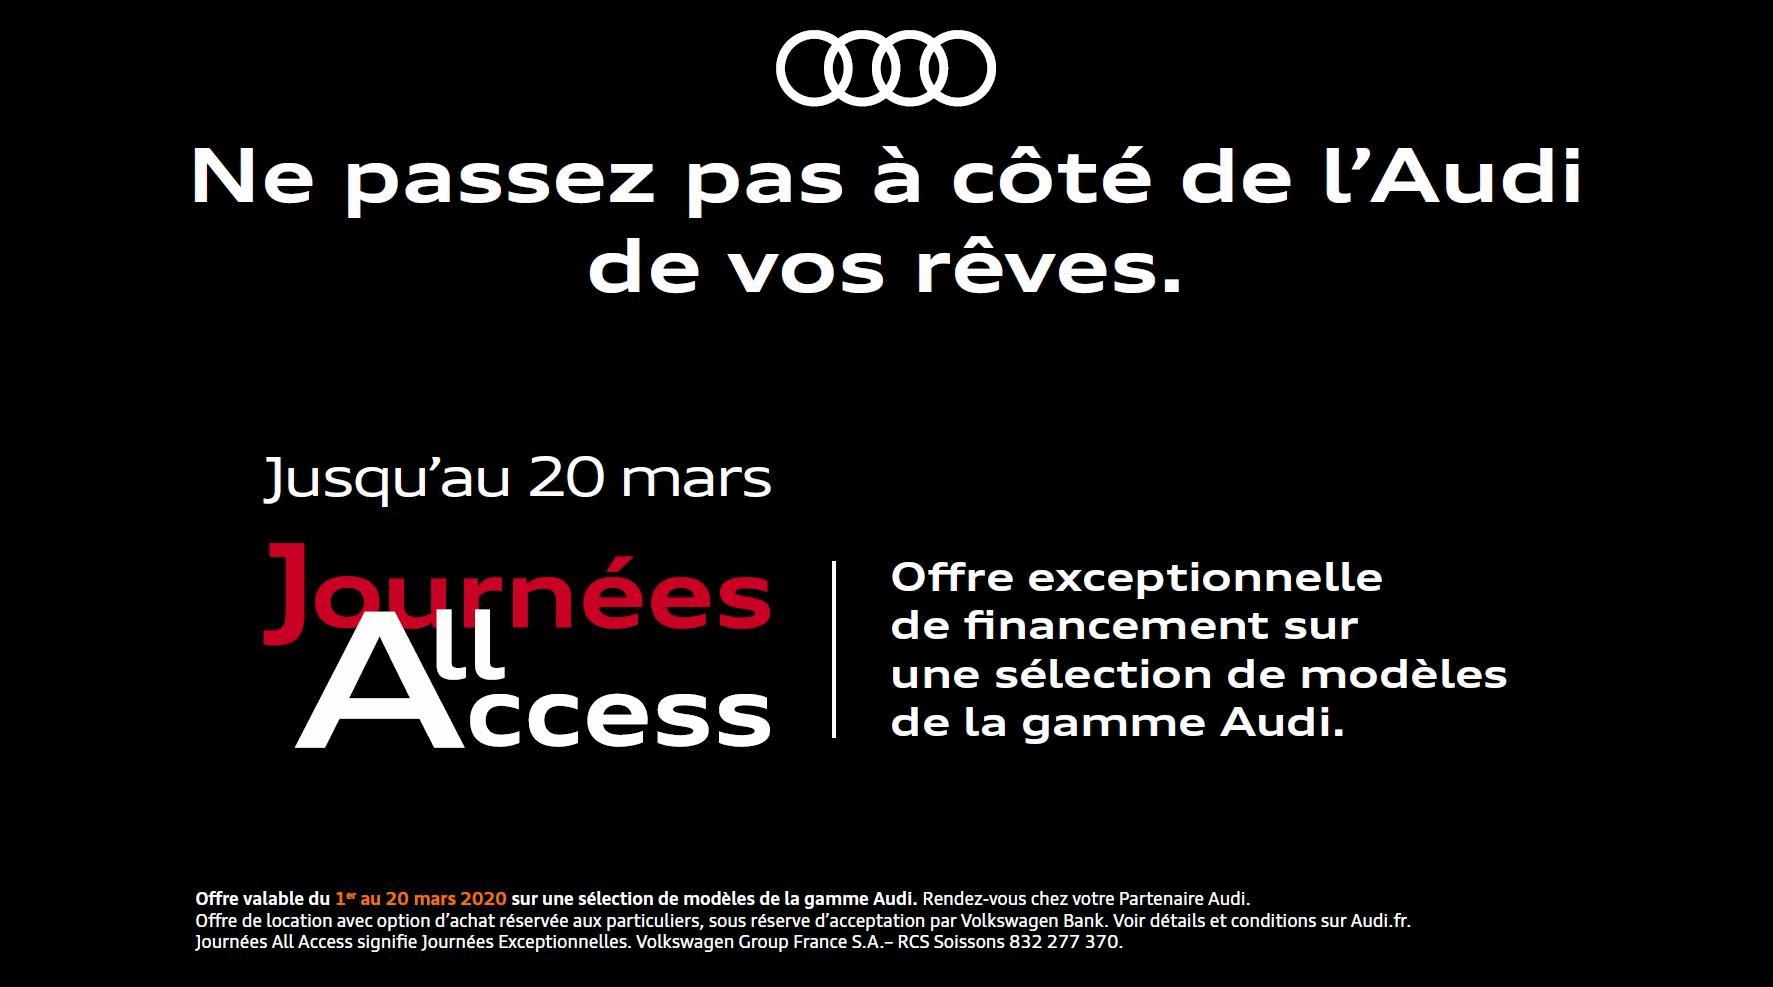 Journée All Access Audi taux promo audi neuve